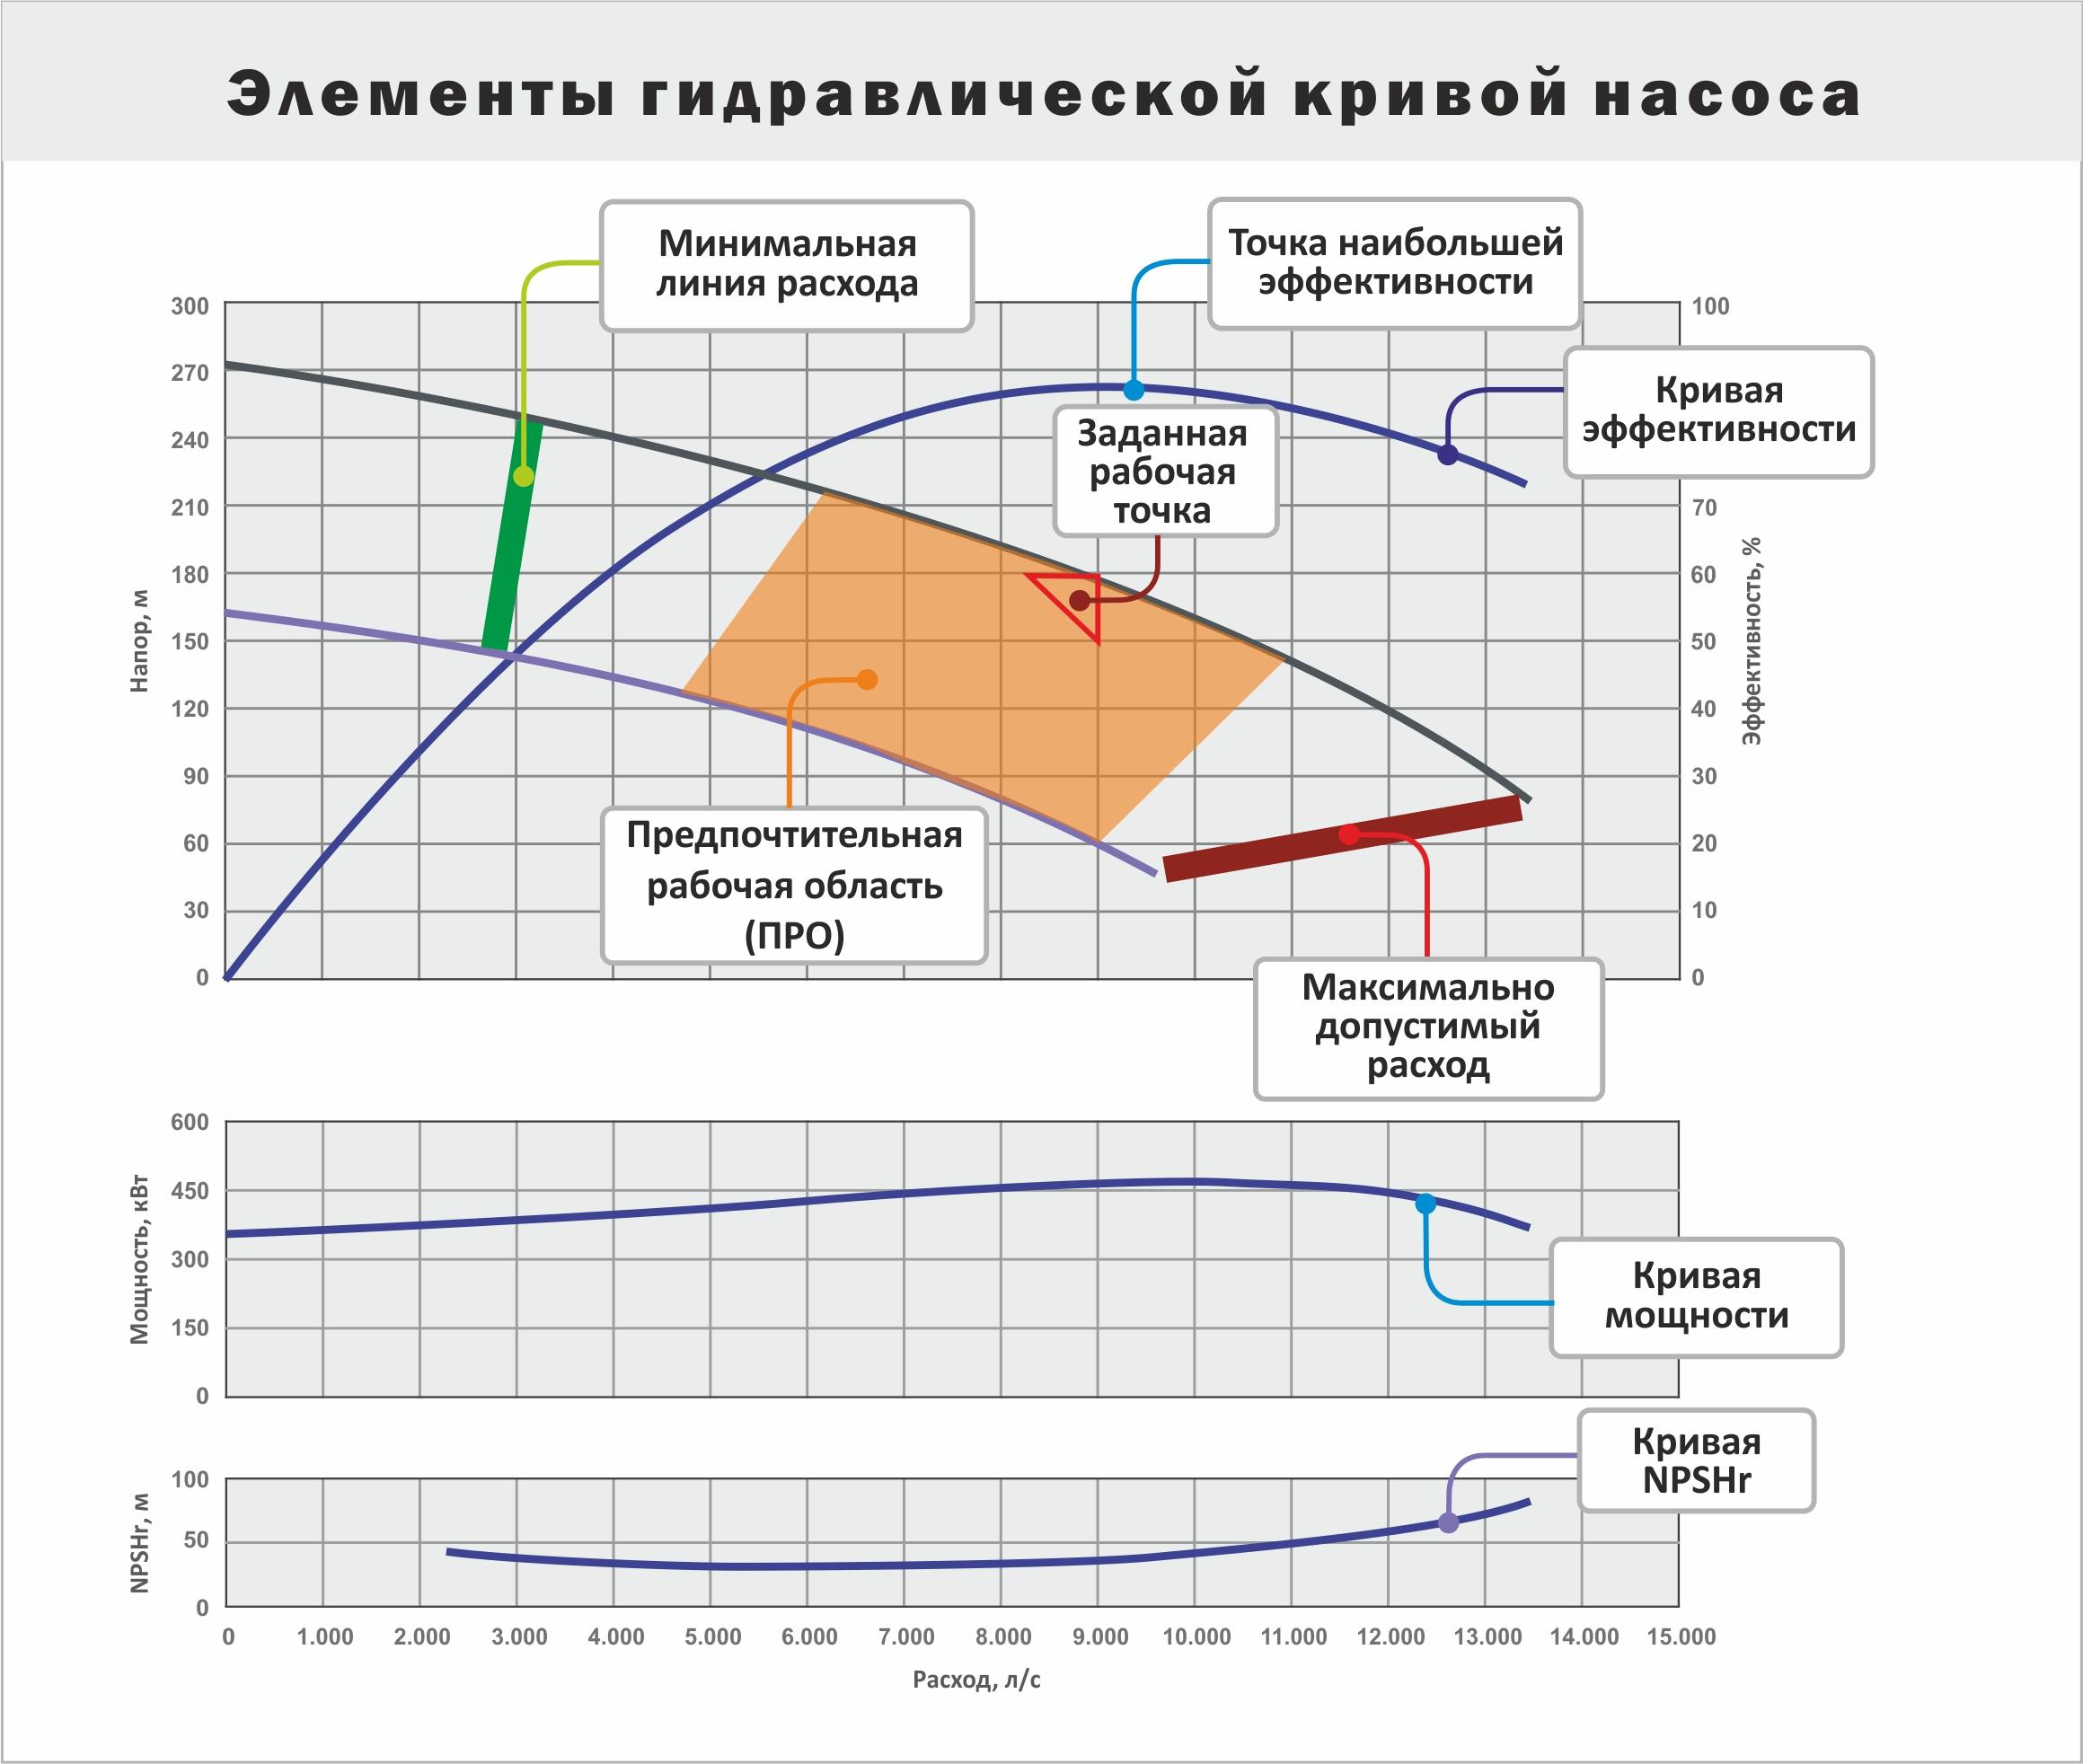 Гидравлическая кривая центробежного насоса и пояснение ключевых понятий кривой насоса